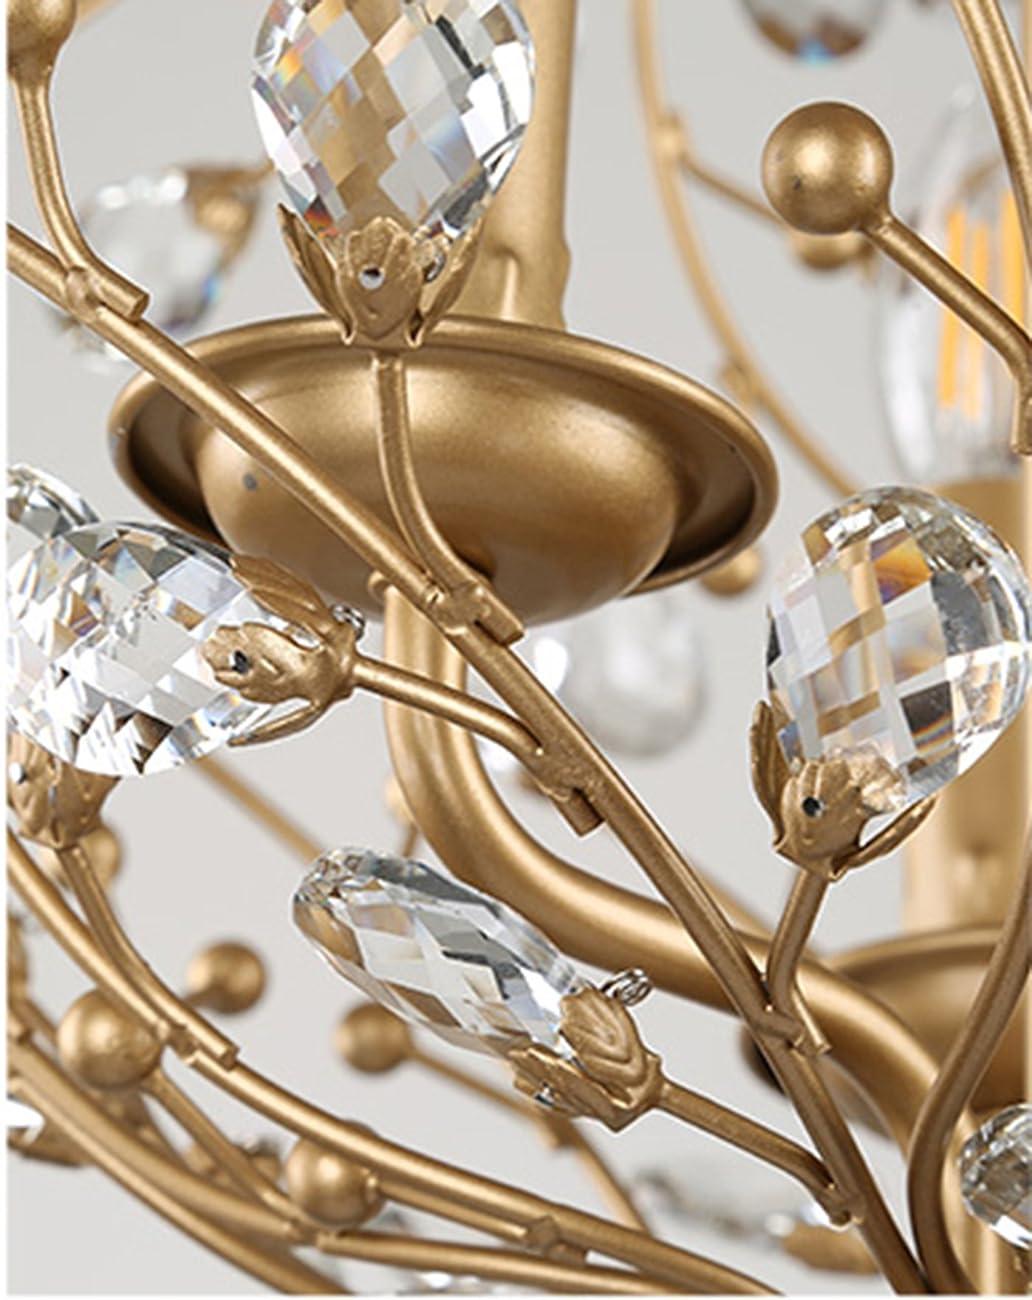 Garwarm Vintage Chandelier 3 lights Antique Pendant light Home Ceiling Light Fixtures Chandeliers Lighting,Golden 6